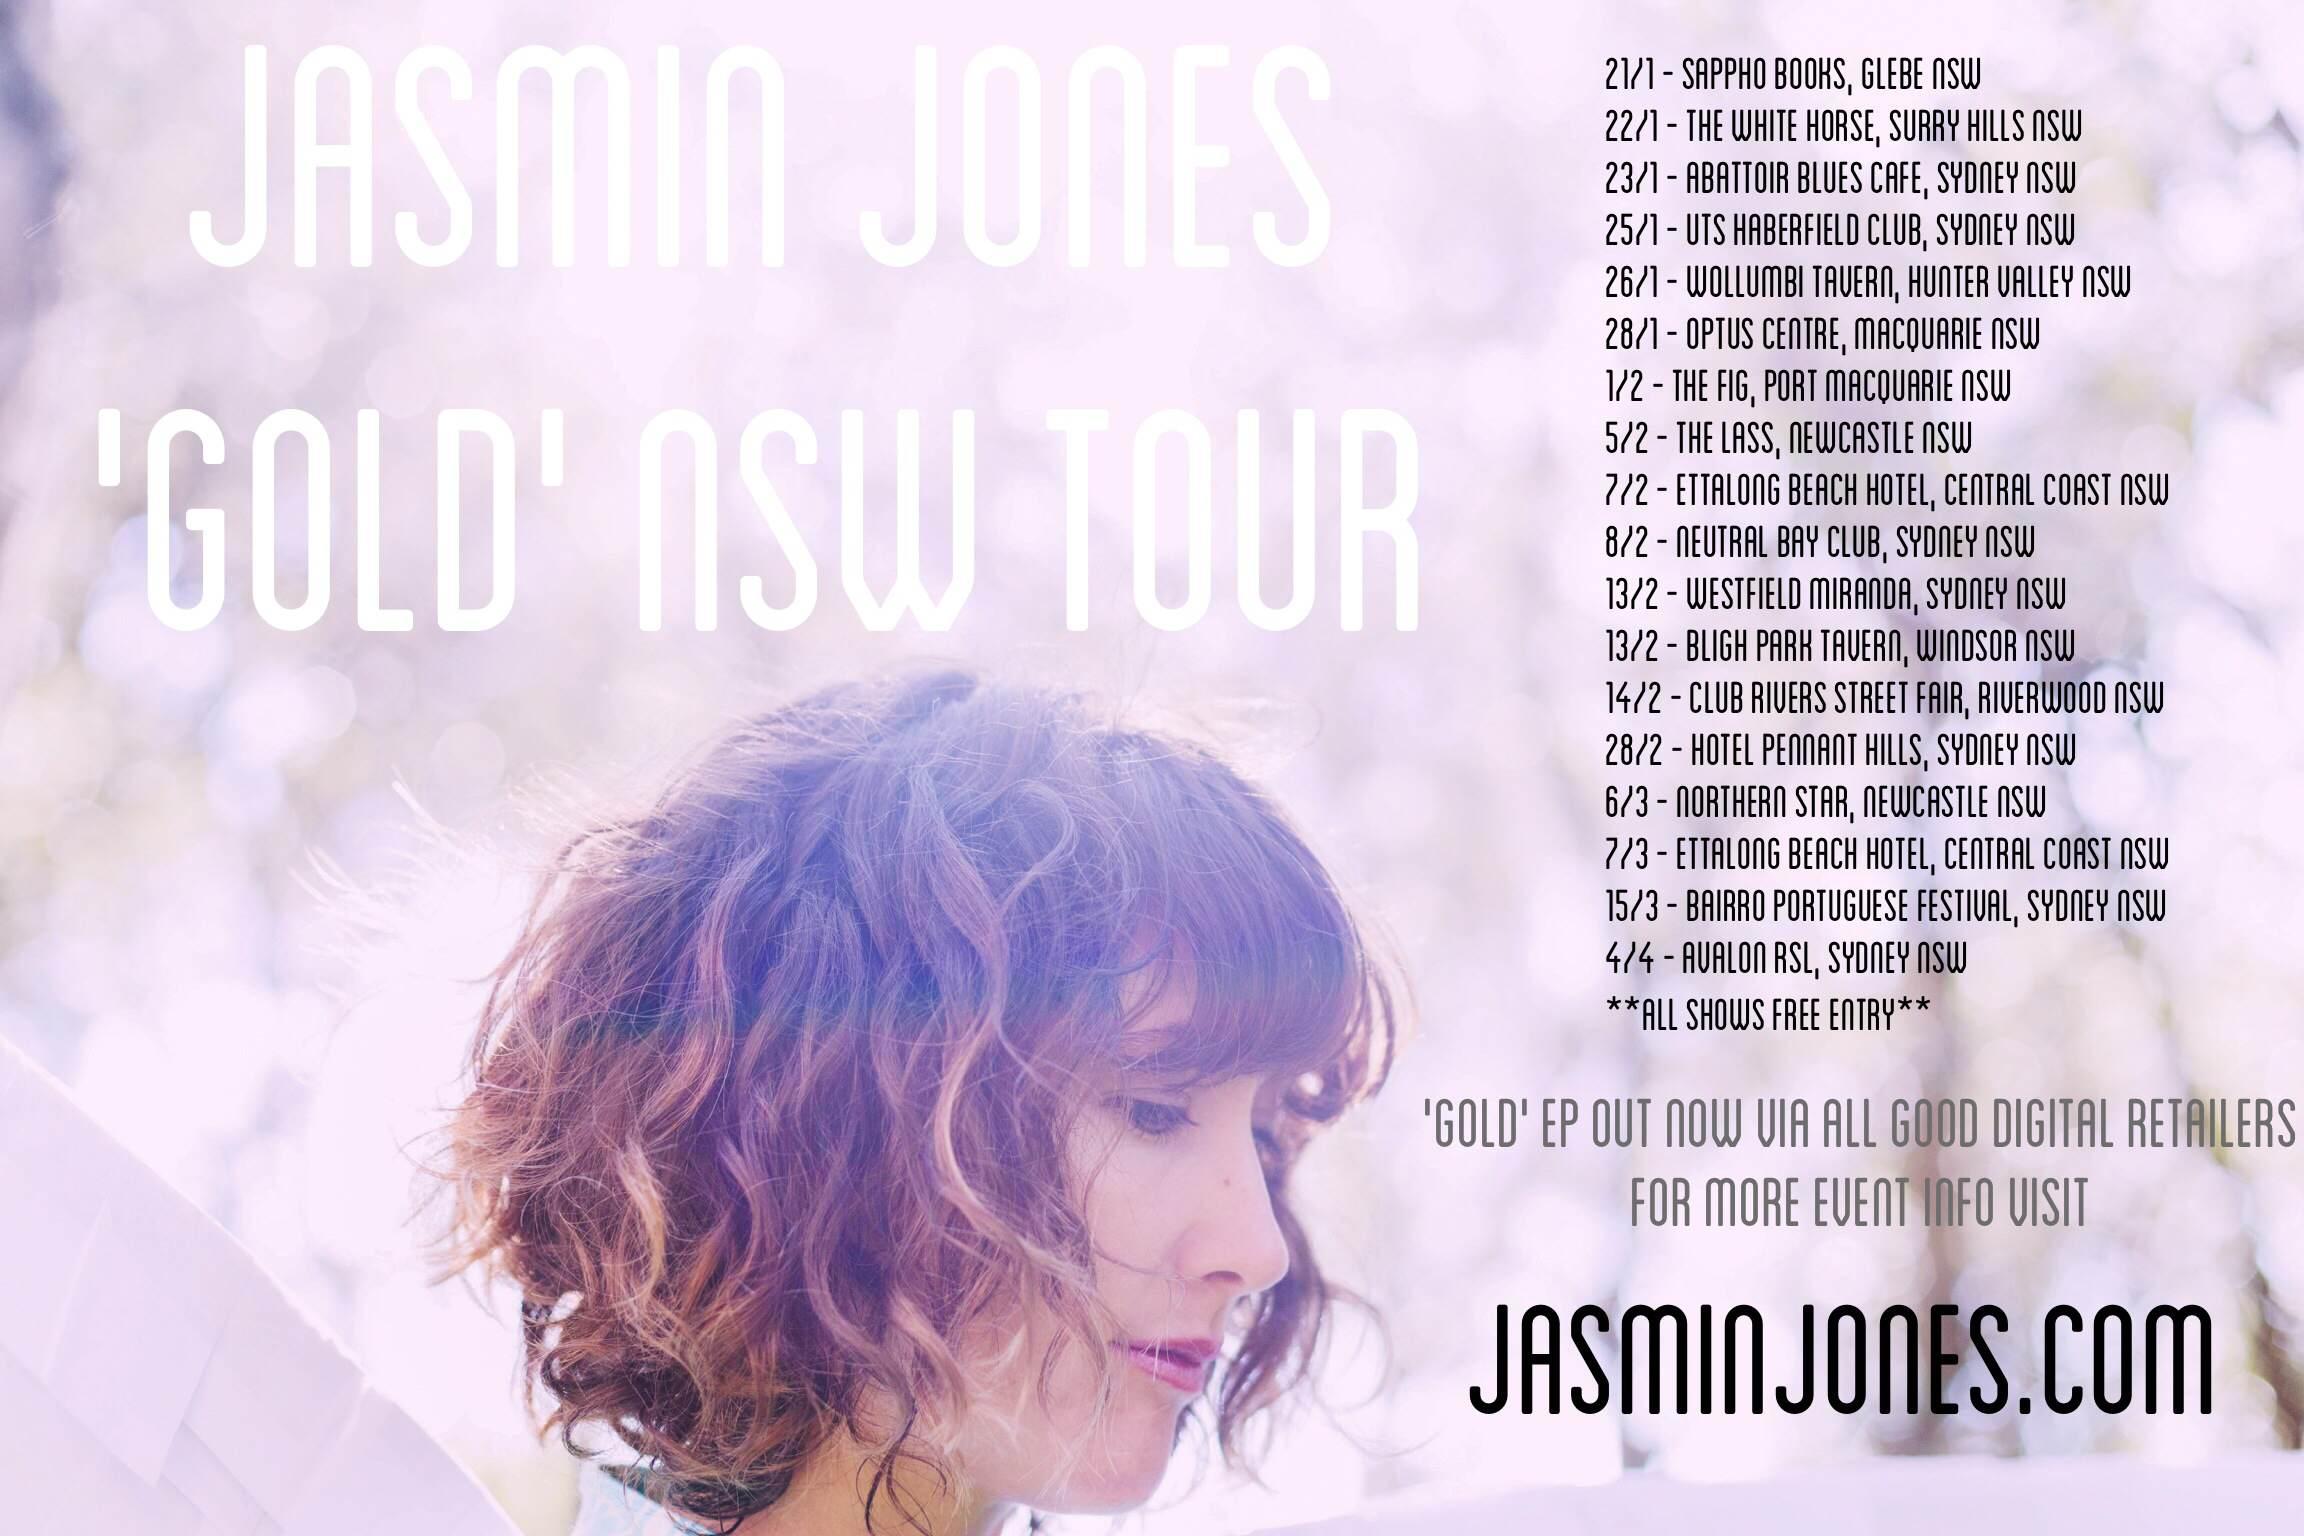 NSW Tour